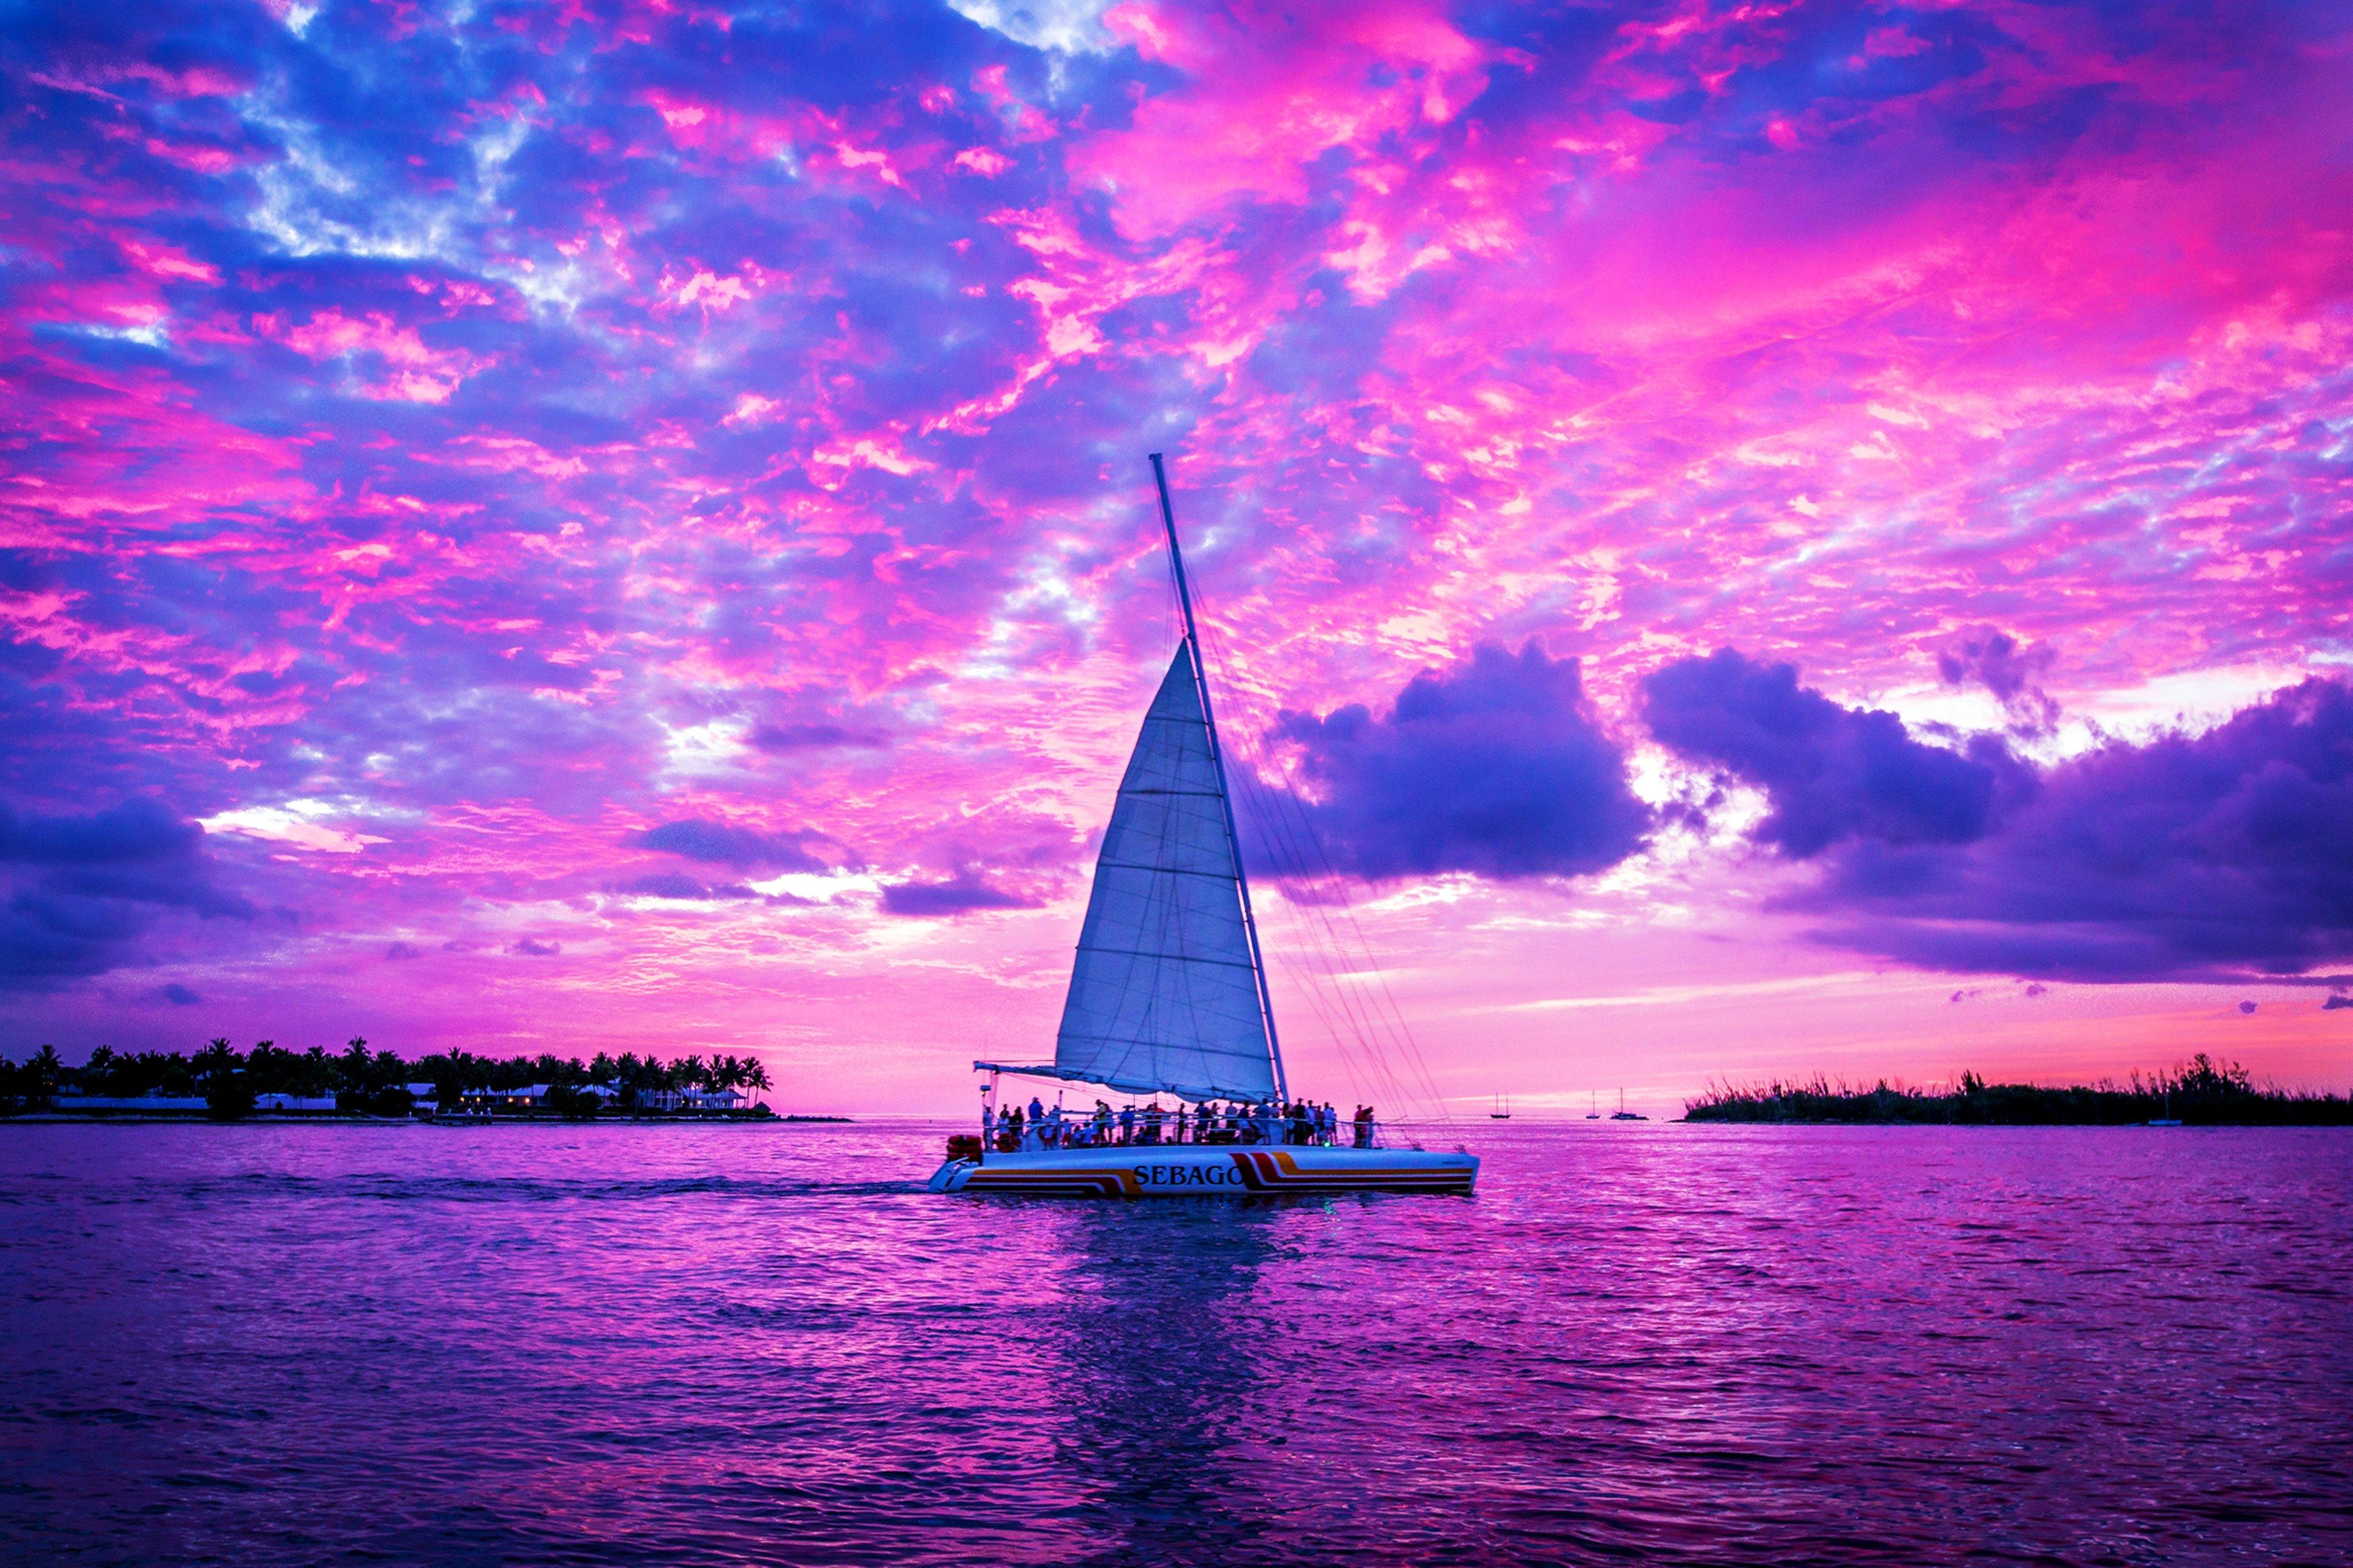 download wallpapers purple ocean - photo #30